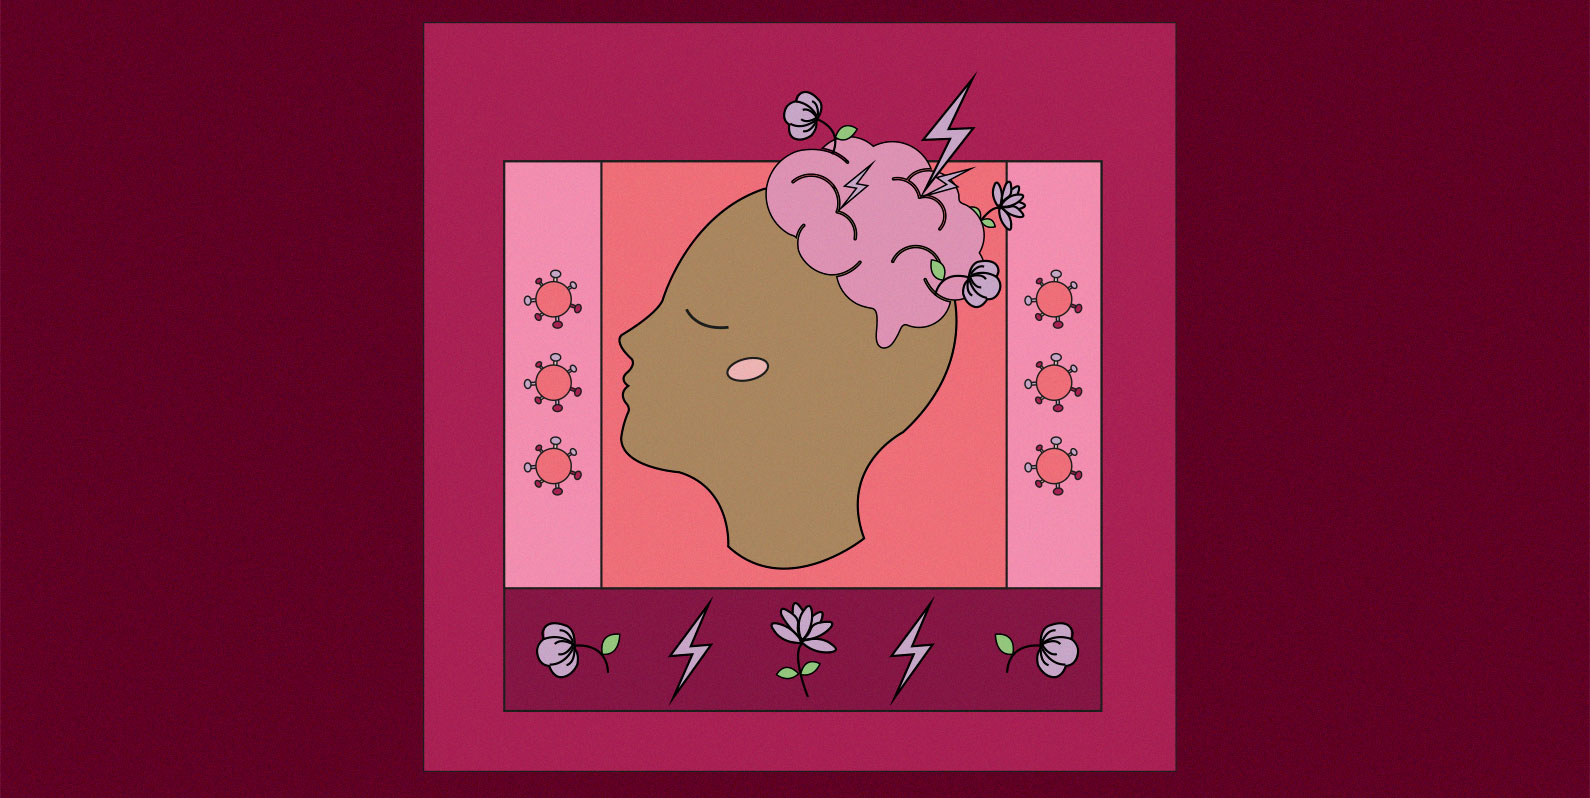 Os efeitos da pandemia no cérebro das pessoas